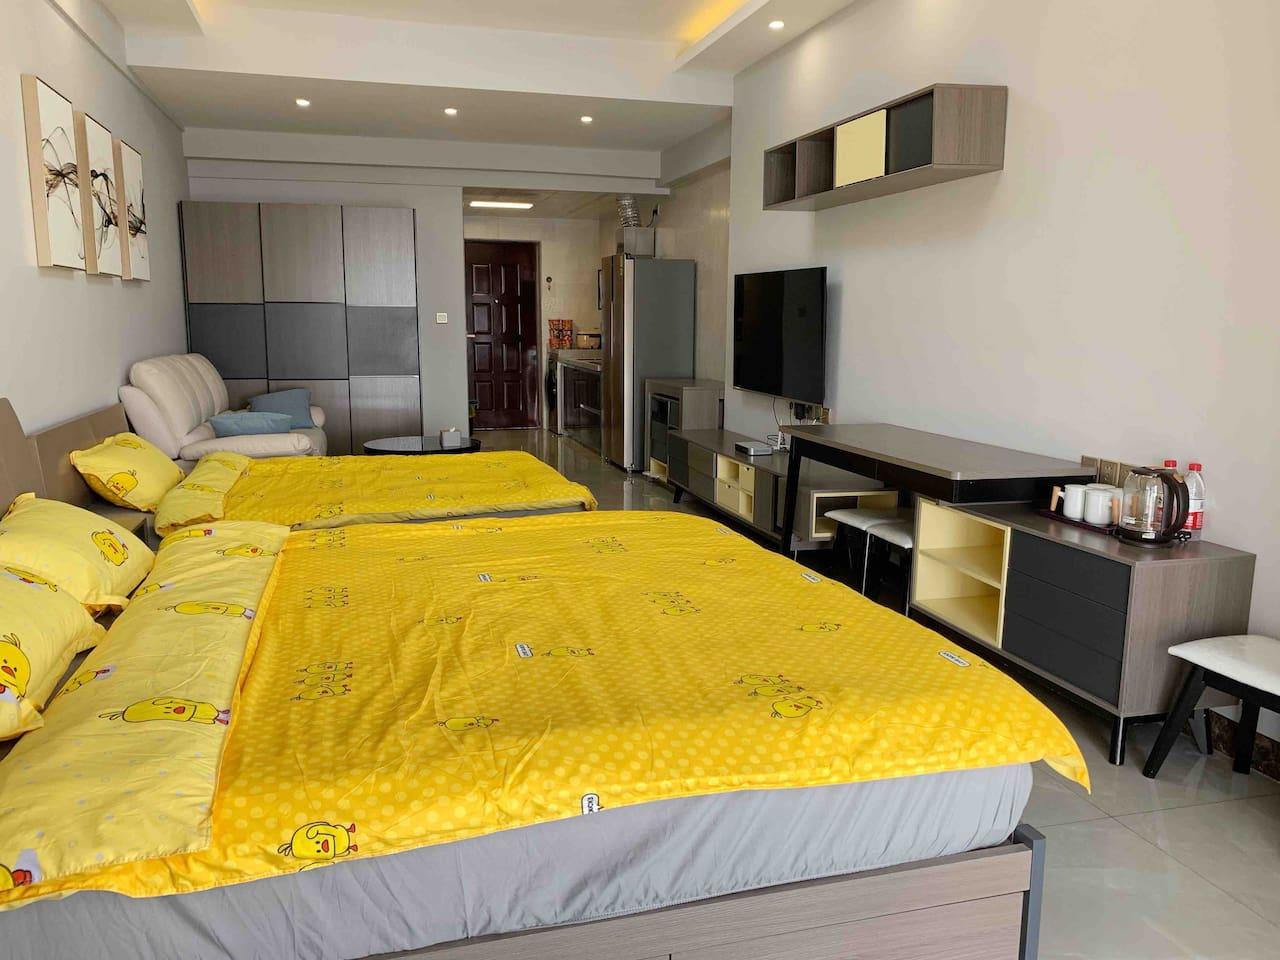 一张1.8x2米的大床,一张1.35x2米的小床